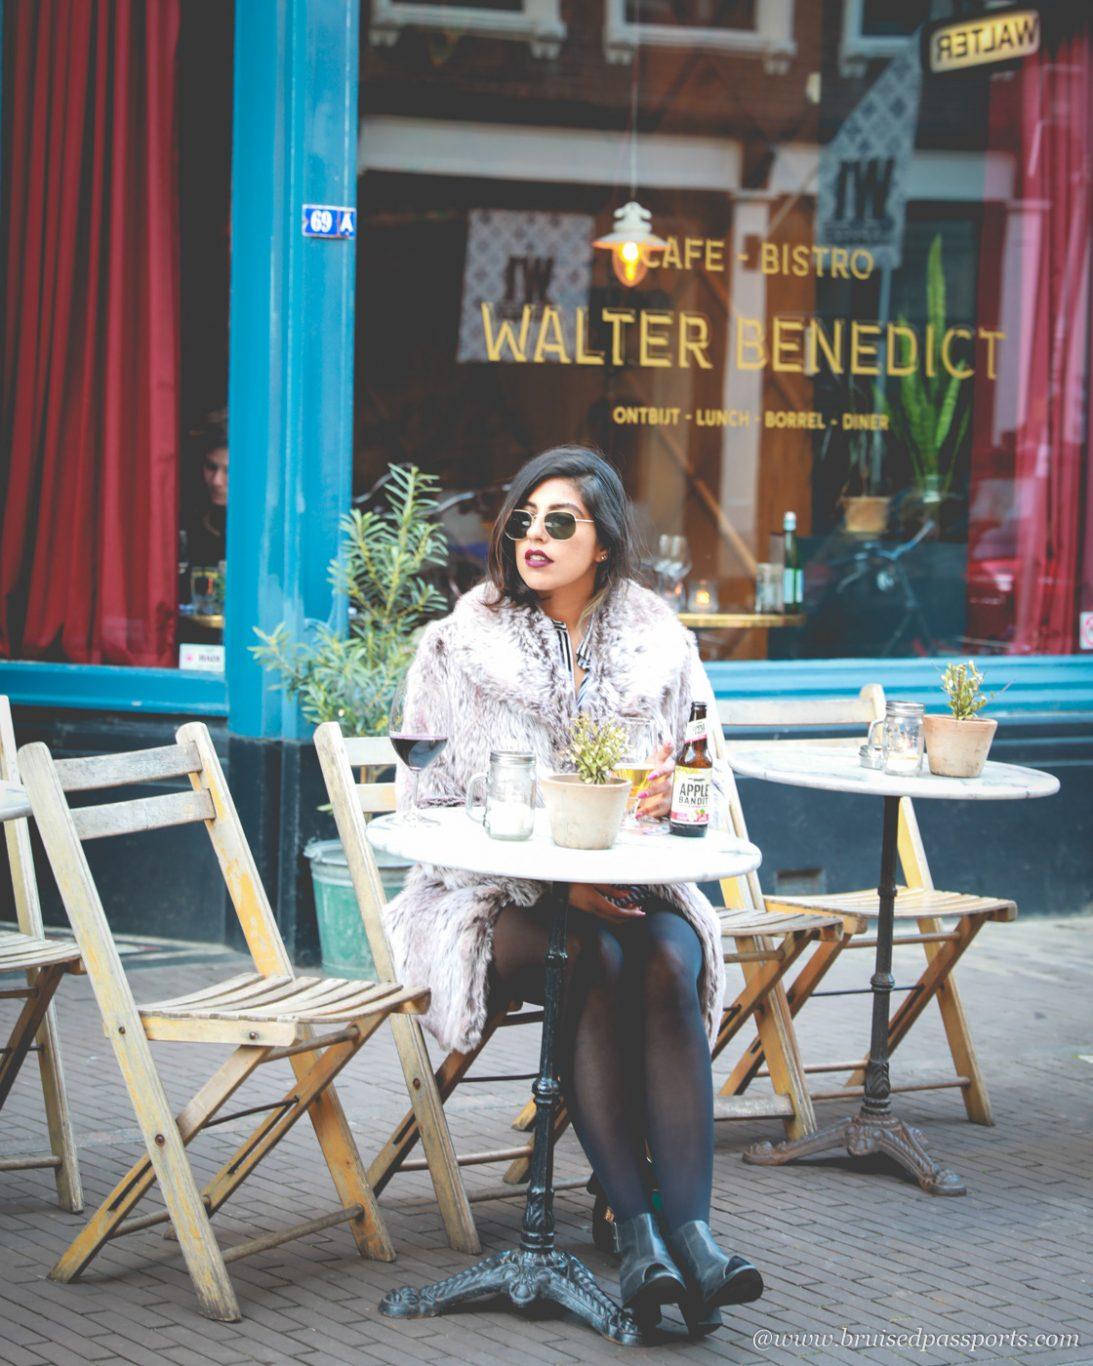 Walter benedict alfresco dining in The Hague